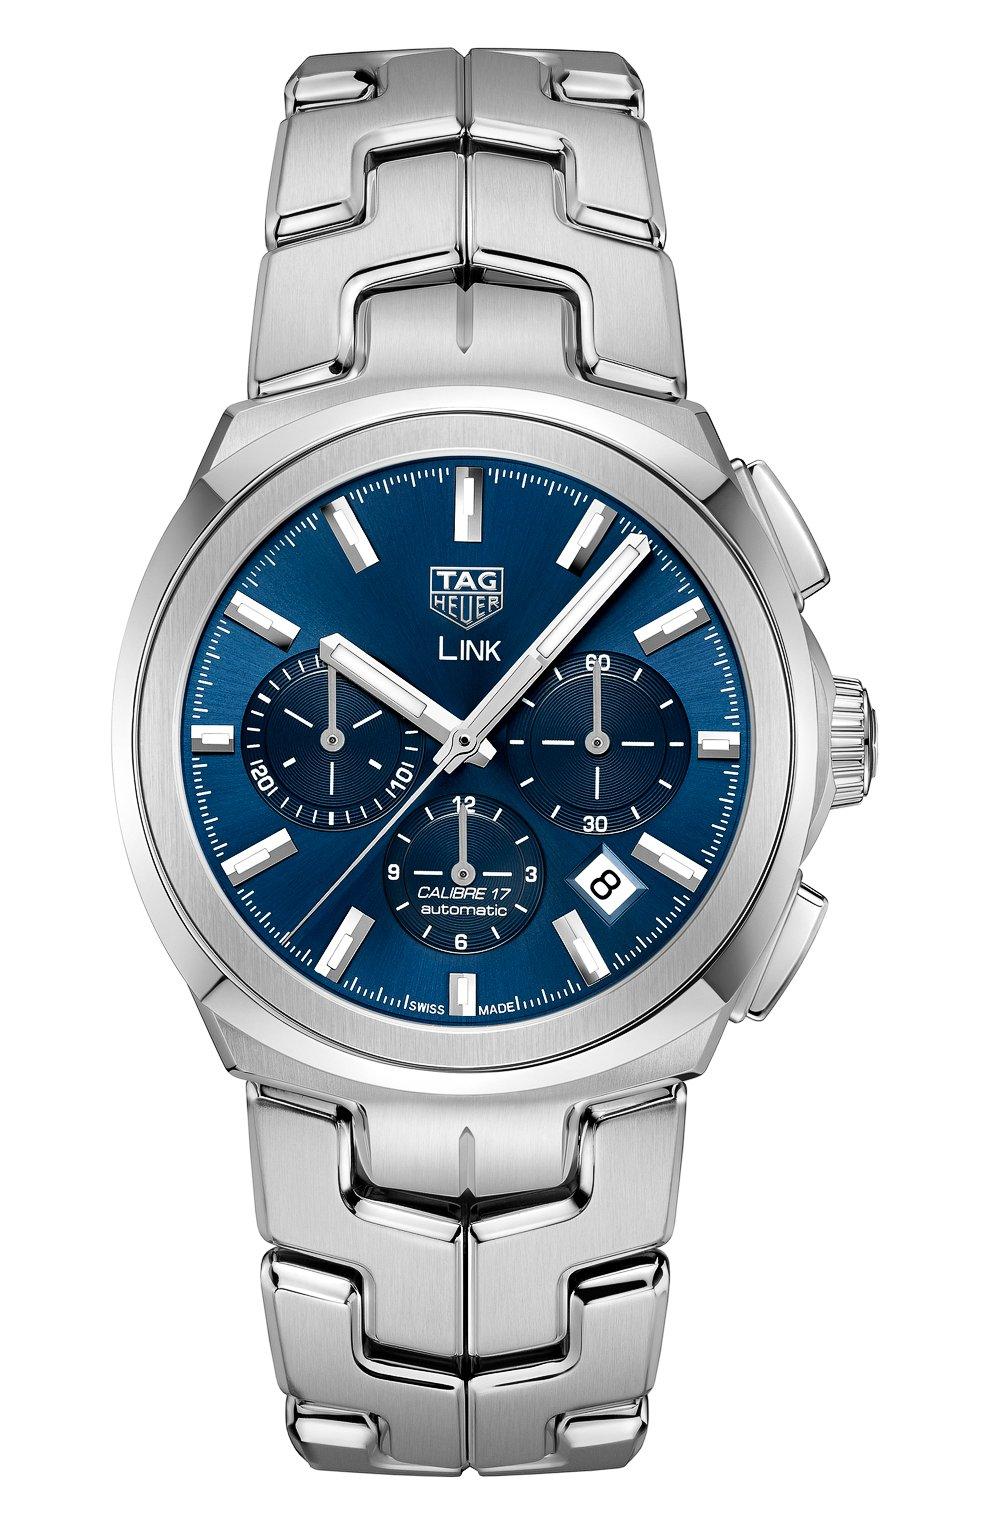 Мужские часы link caliber 17 TAG HEUER бесцветного цвета, арт. CBC2112.BA0603   Фото 1 (Механизм: Автомат; Материал корпуса: Сталь; Цвет циферблата: Синий)